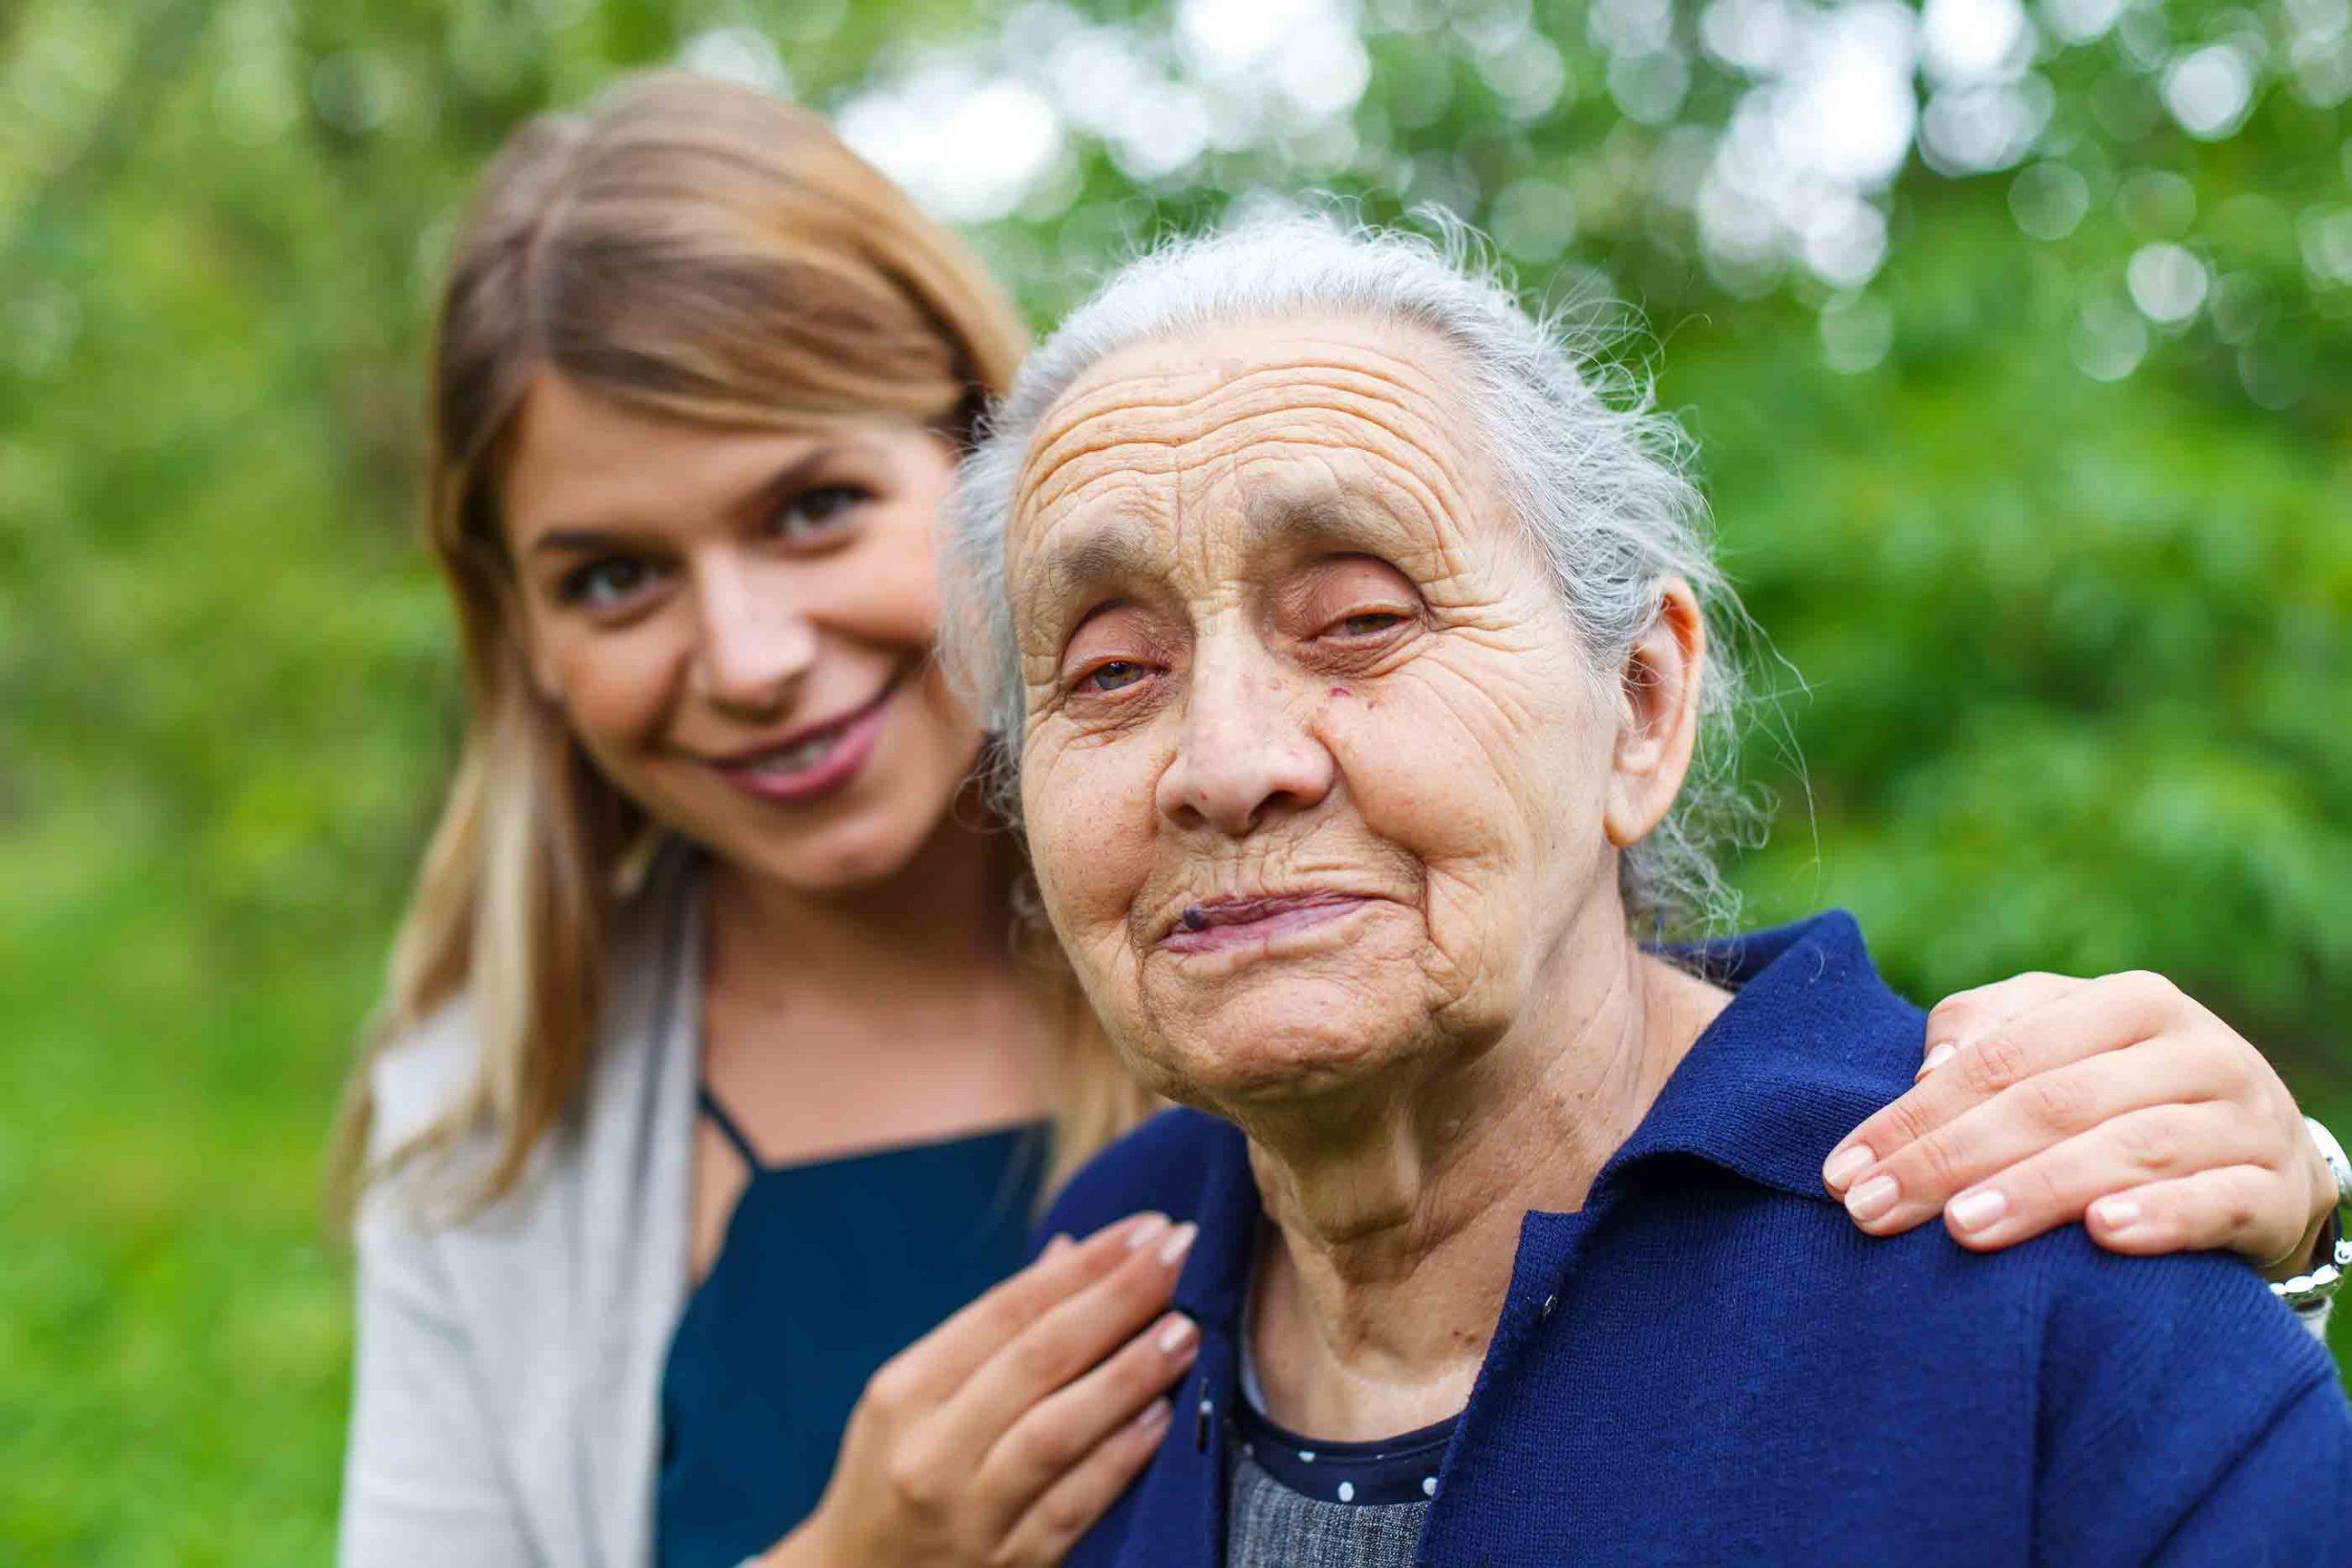 مراقبت از سالمندان   مرکز پارسیان مهرپرور